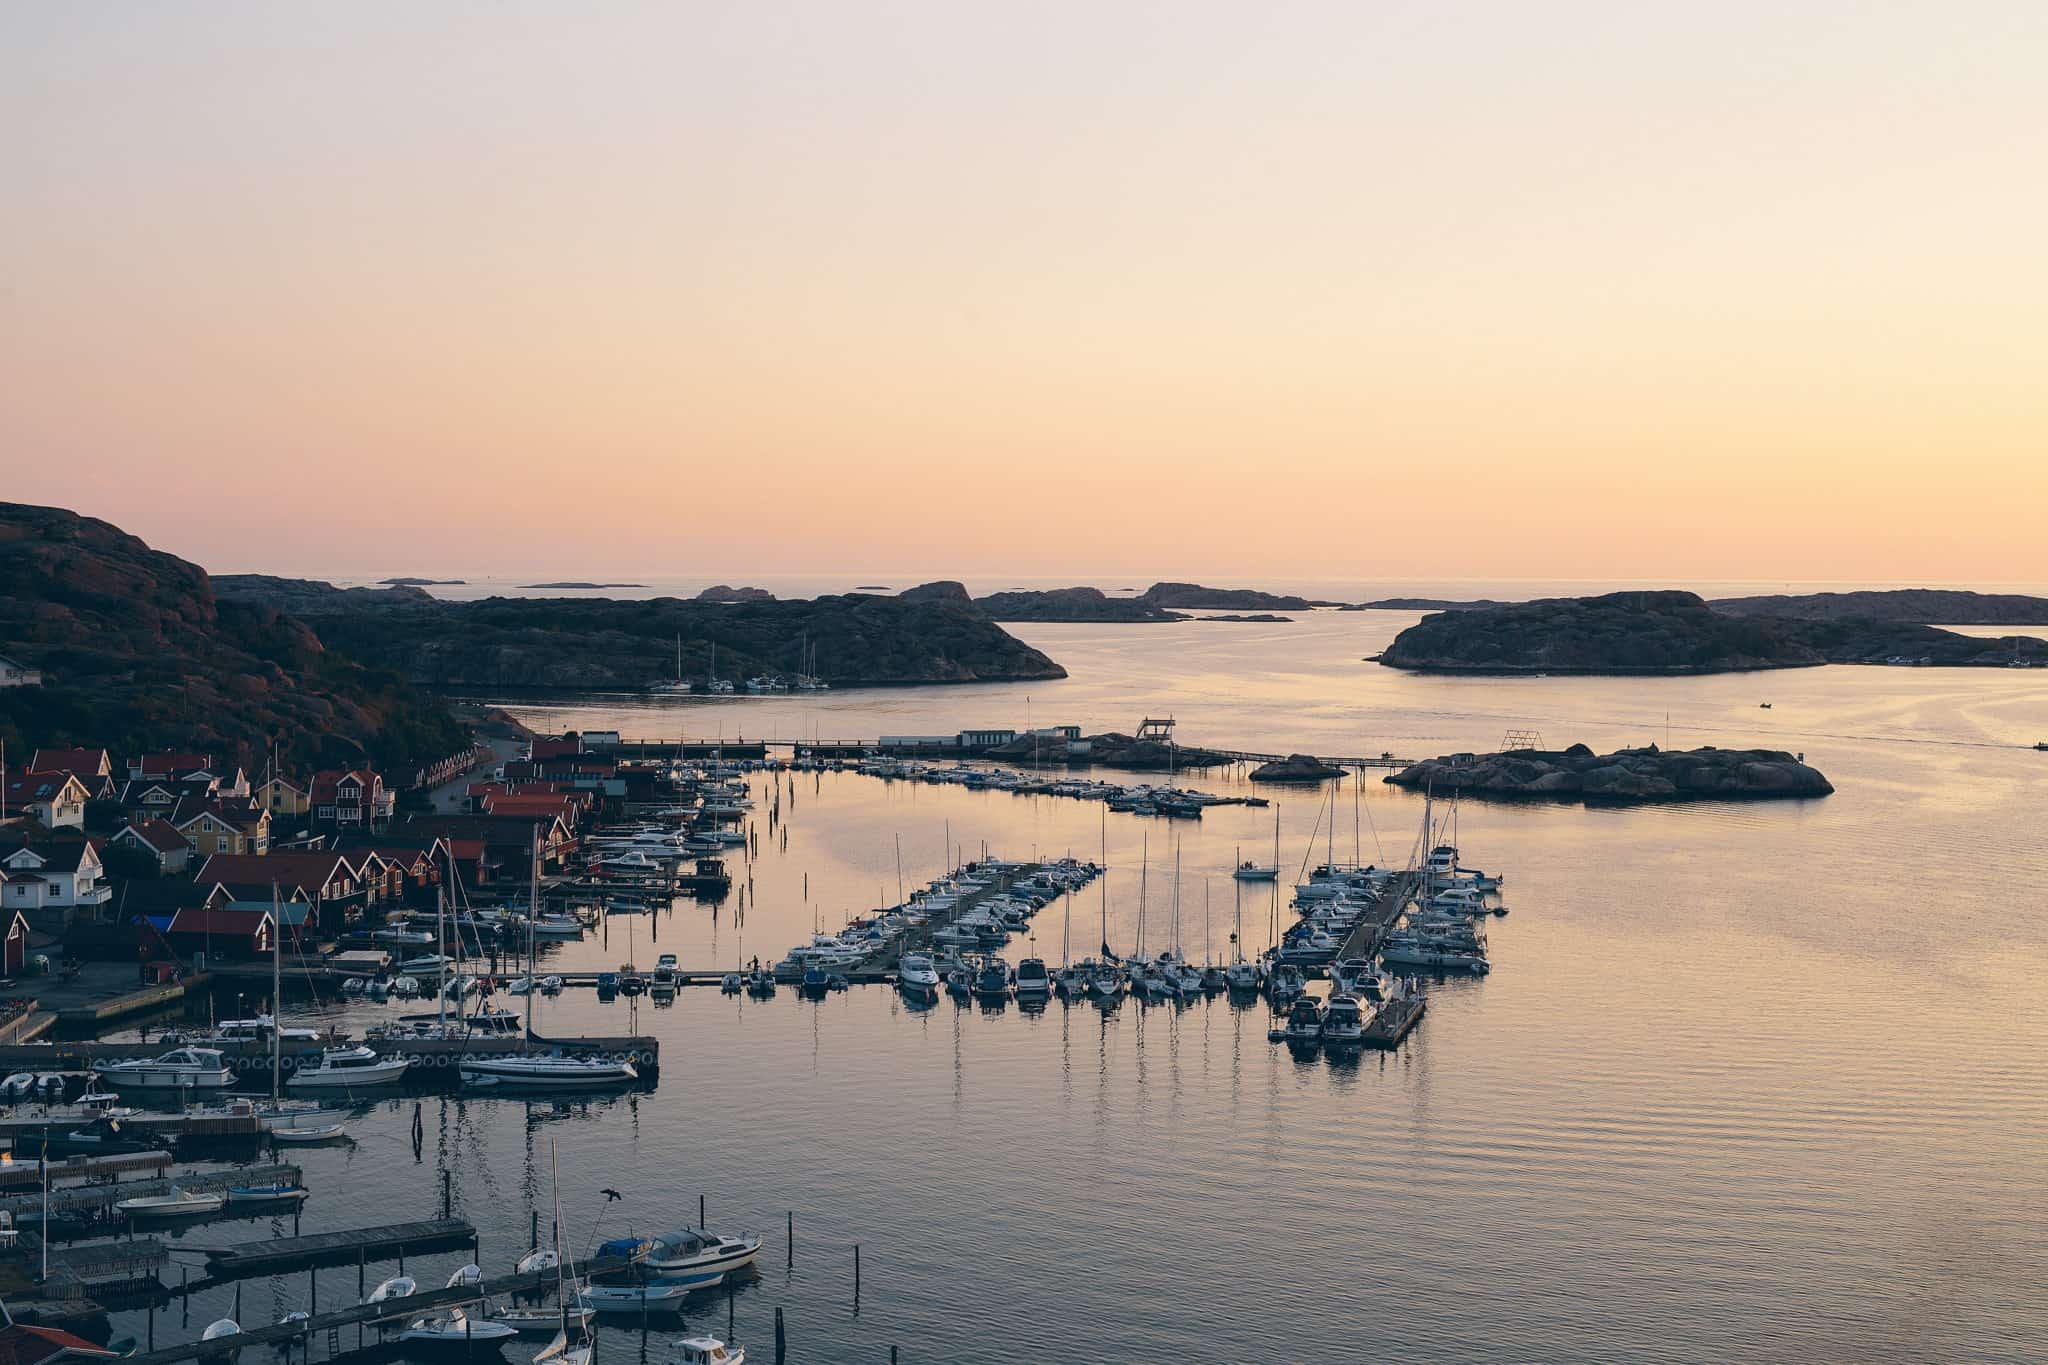 Solnedgång över det idylliska Bohuslän med dess klippor, båtar och semesterfirare.